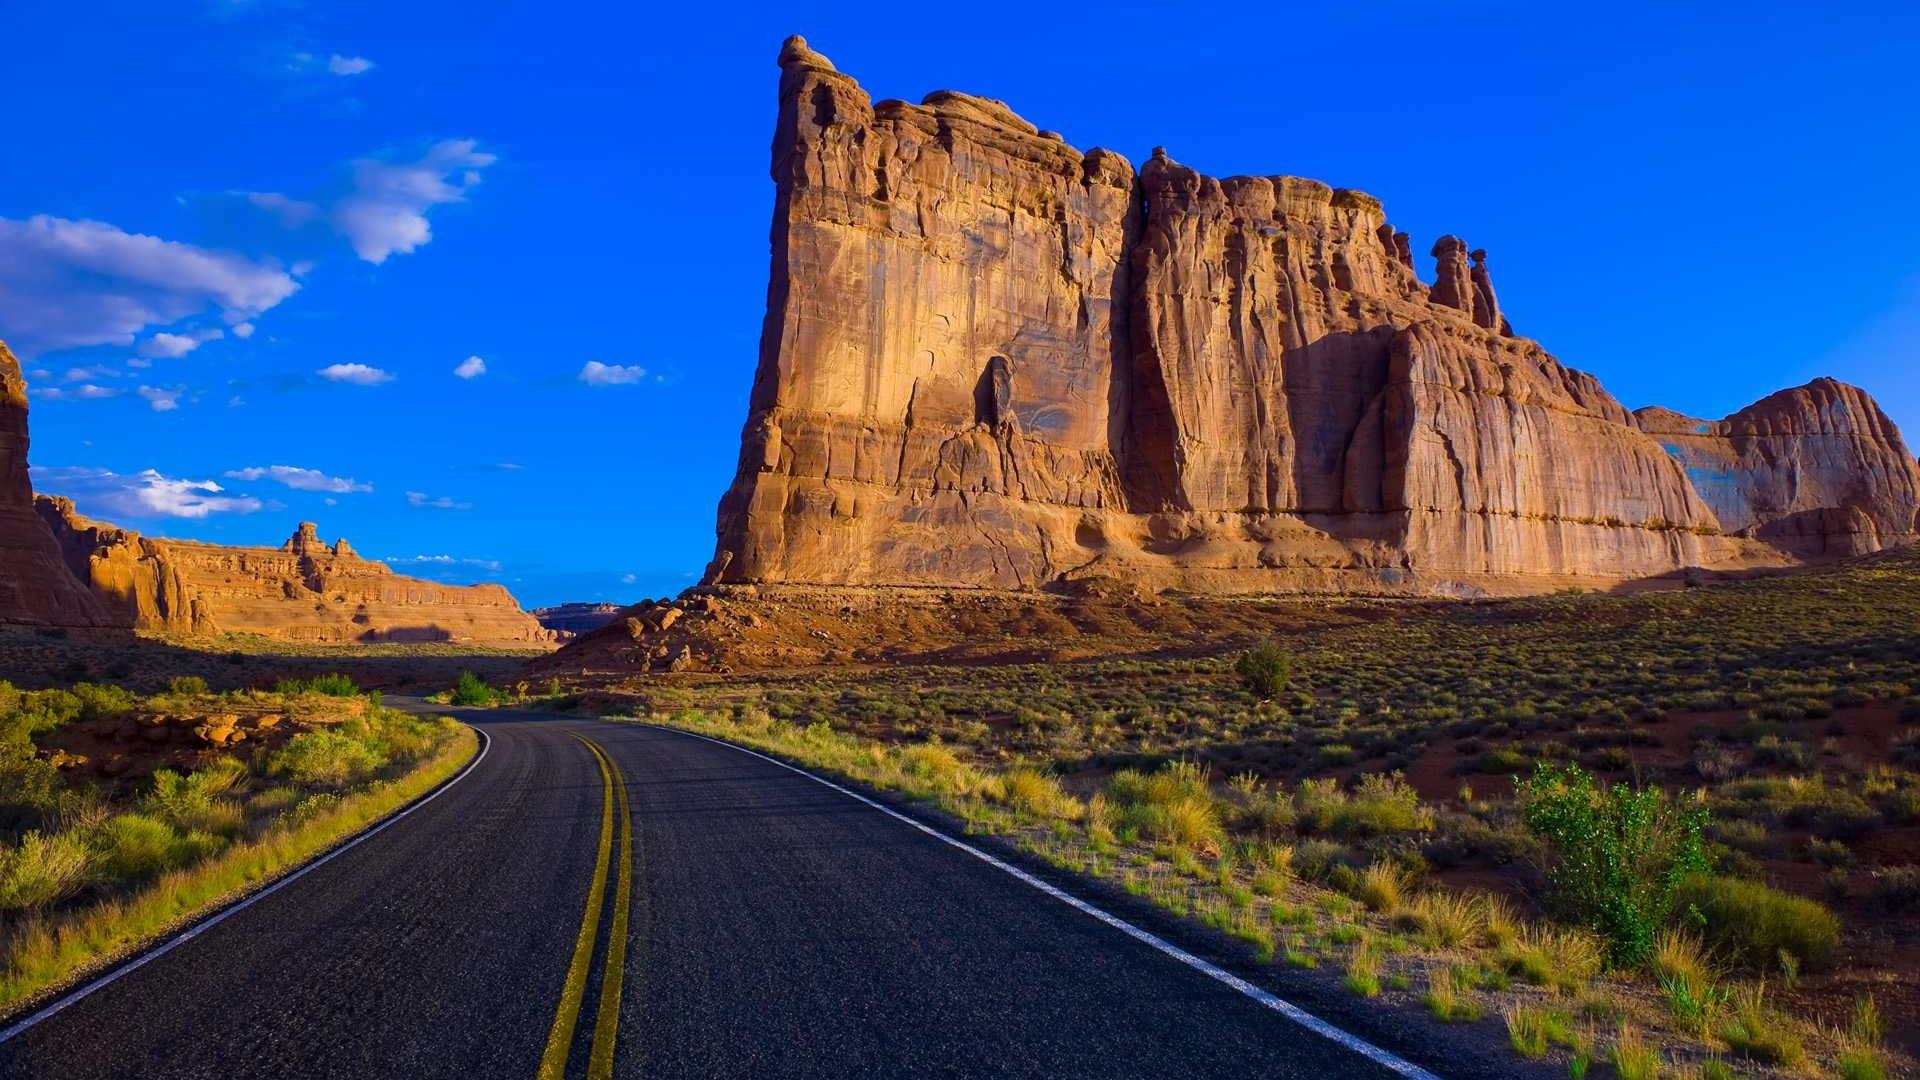 Road big Canyon